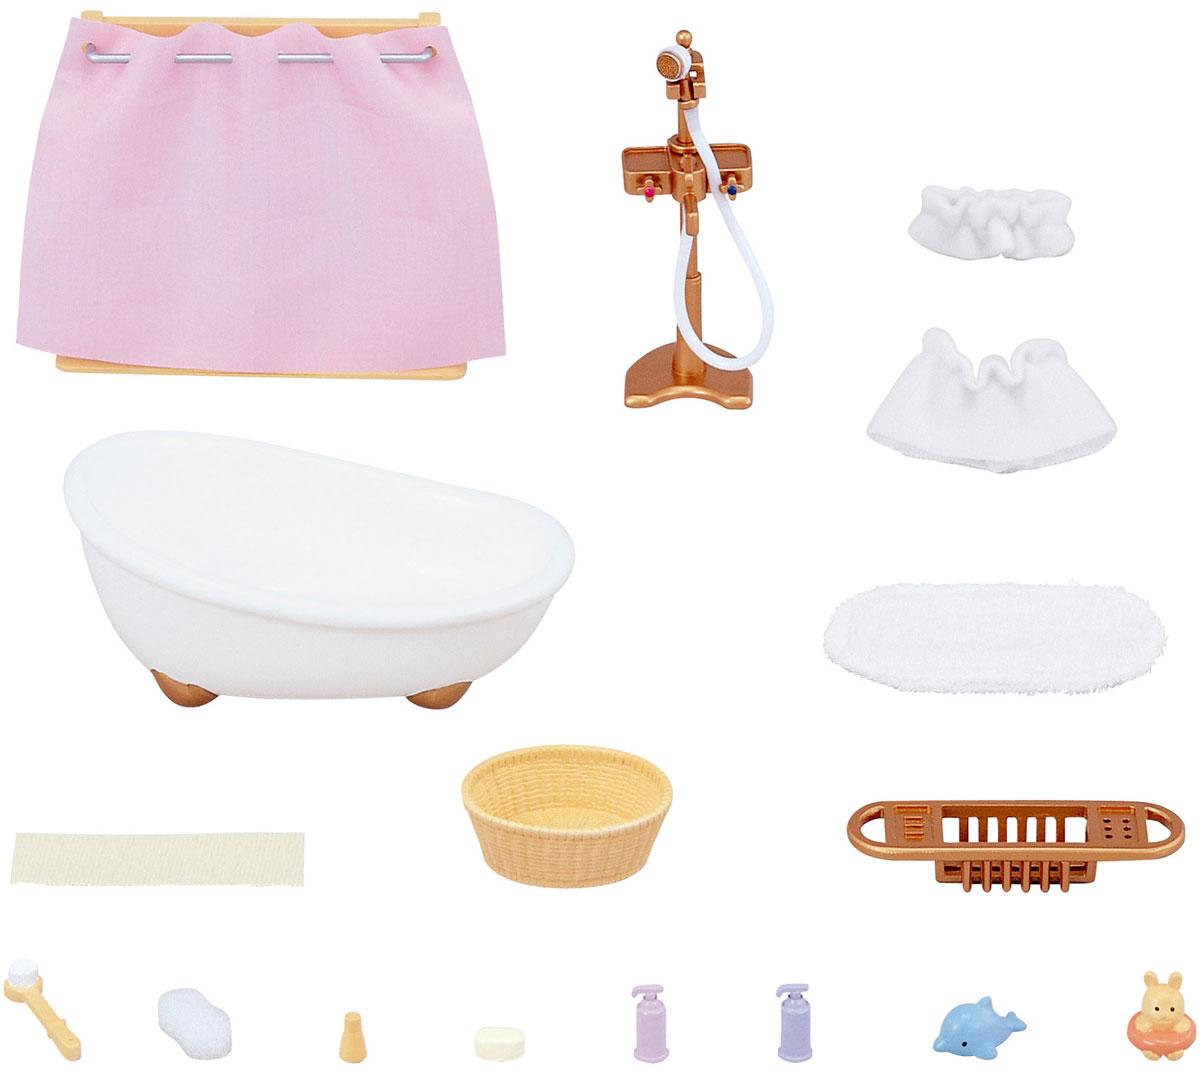 цена Sylvanian Families Игровой набор Ванная комната с душем онлайн в 2017 году